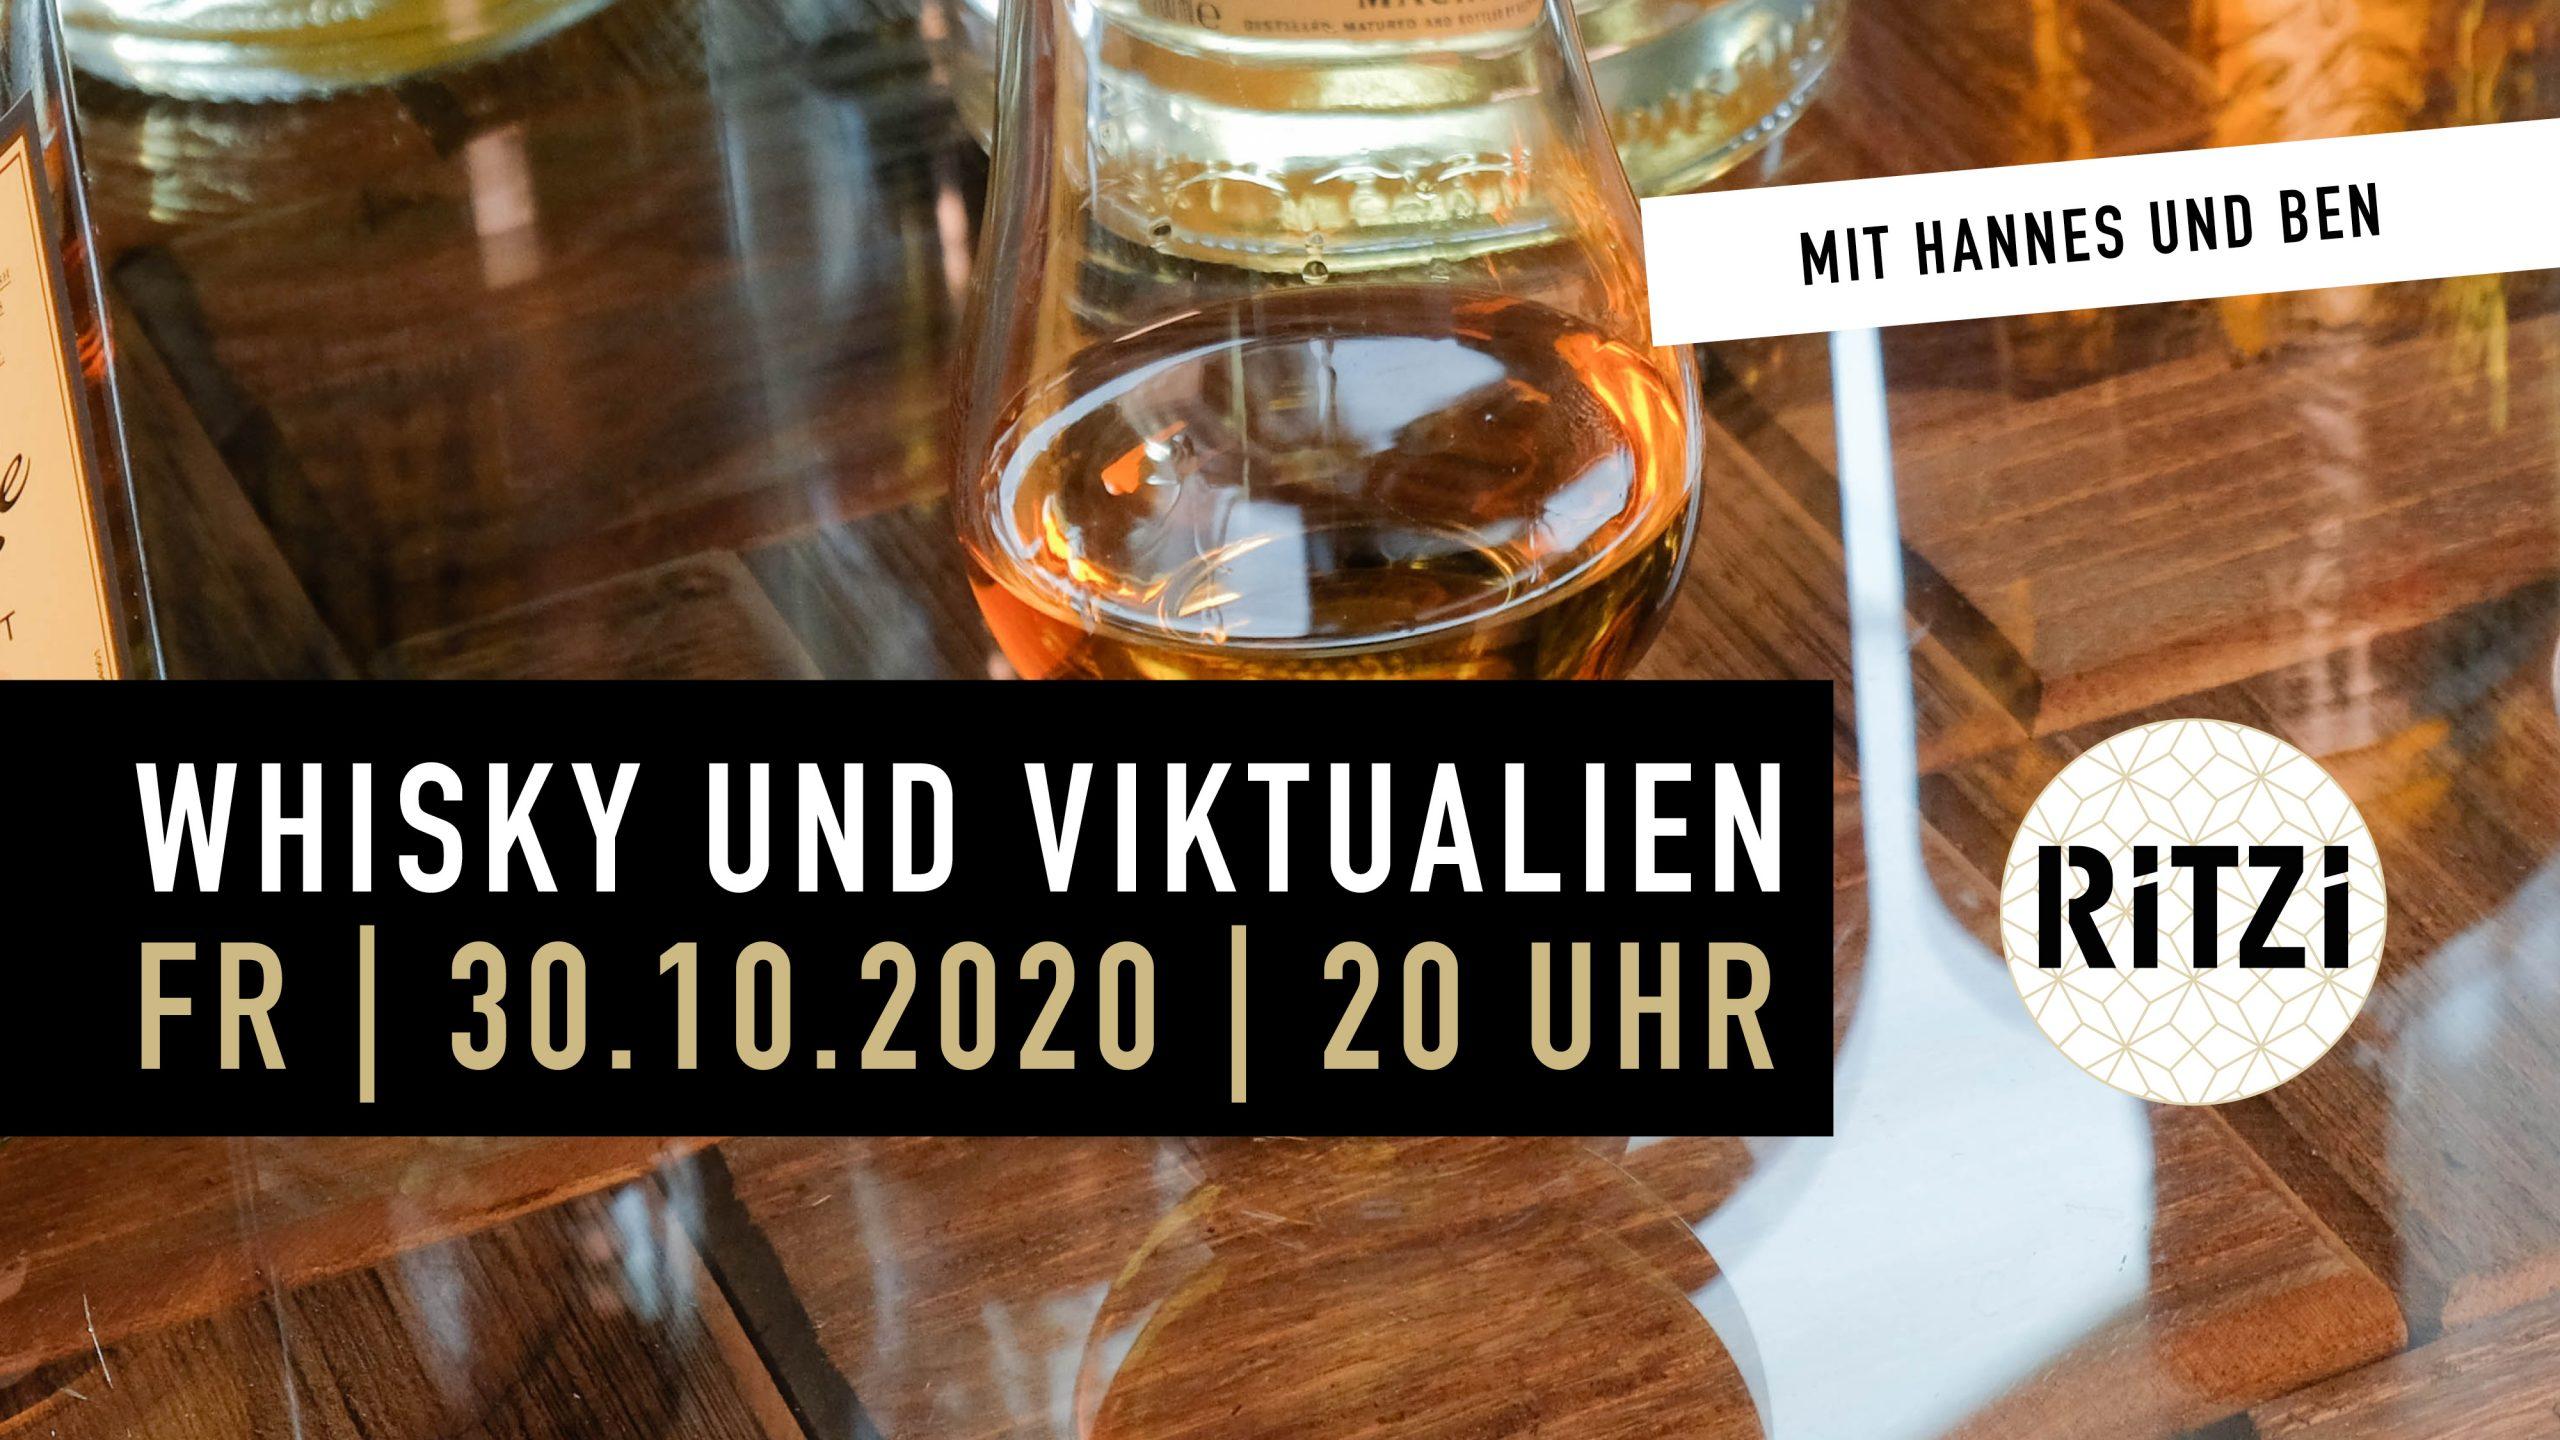 Whisky und Viktualien